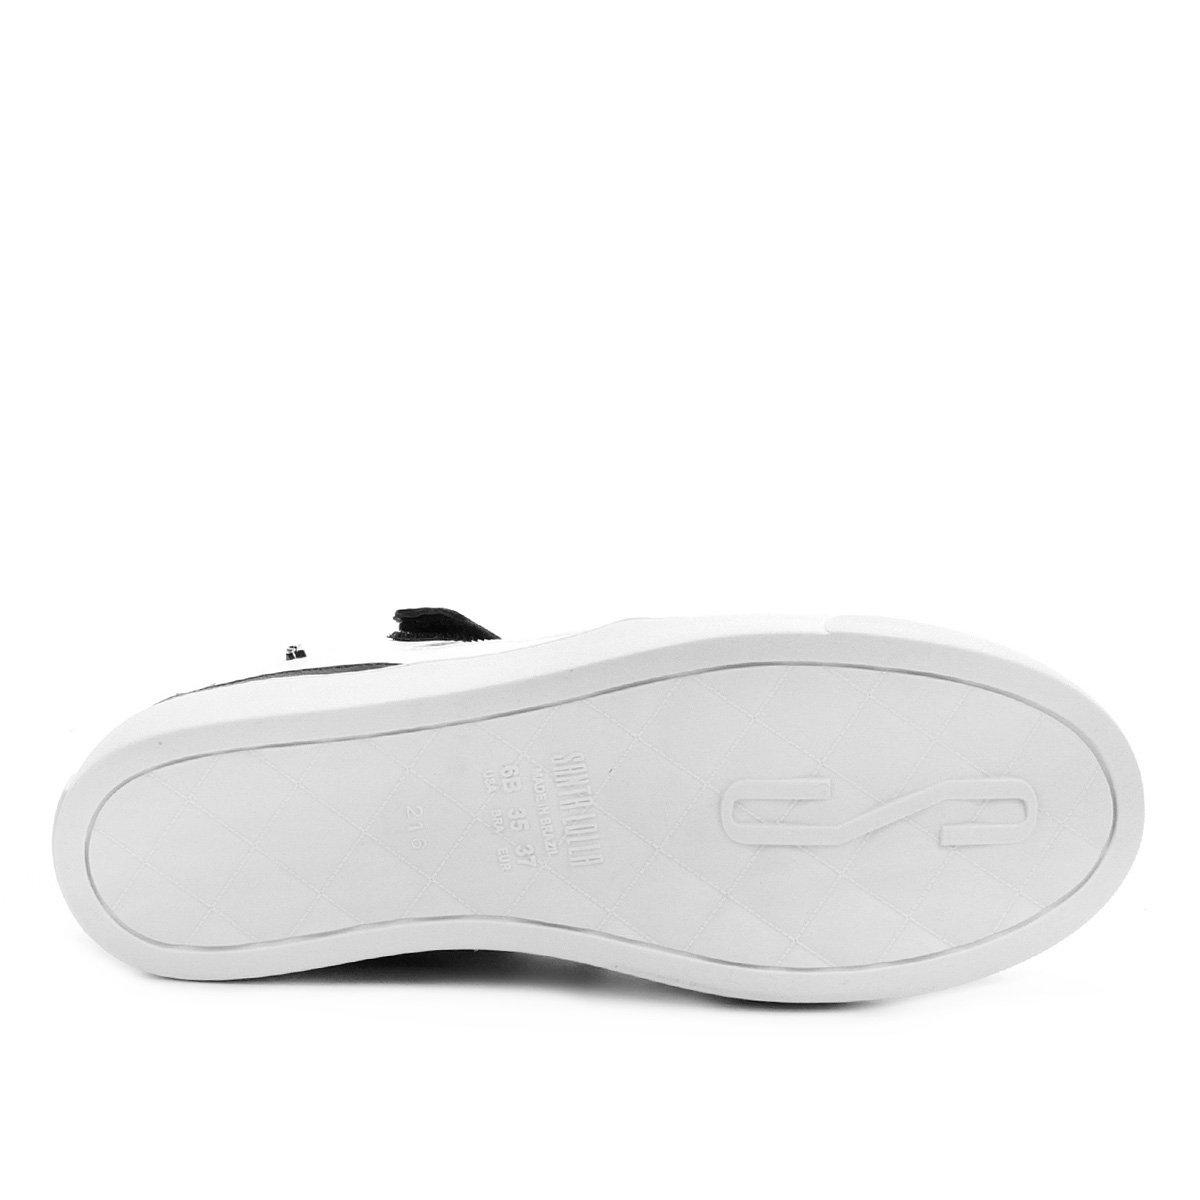 Tênis Santa Lolla Amarração Velcro Feminino - Preto e Branco